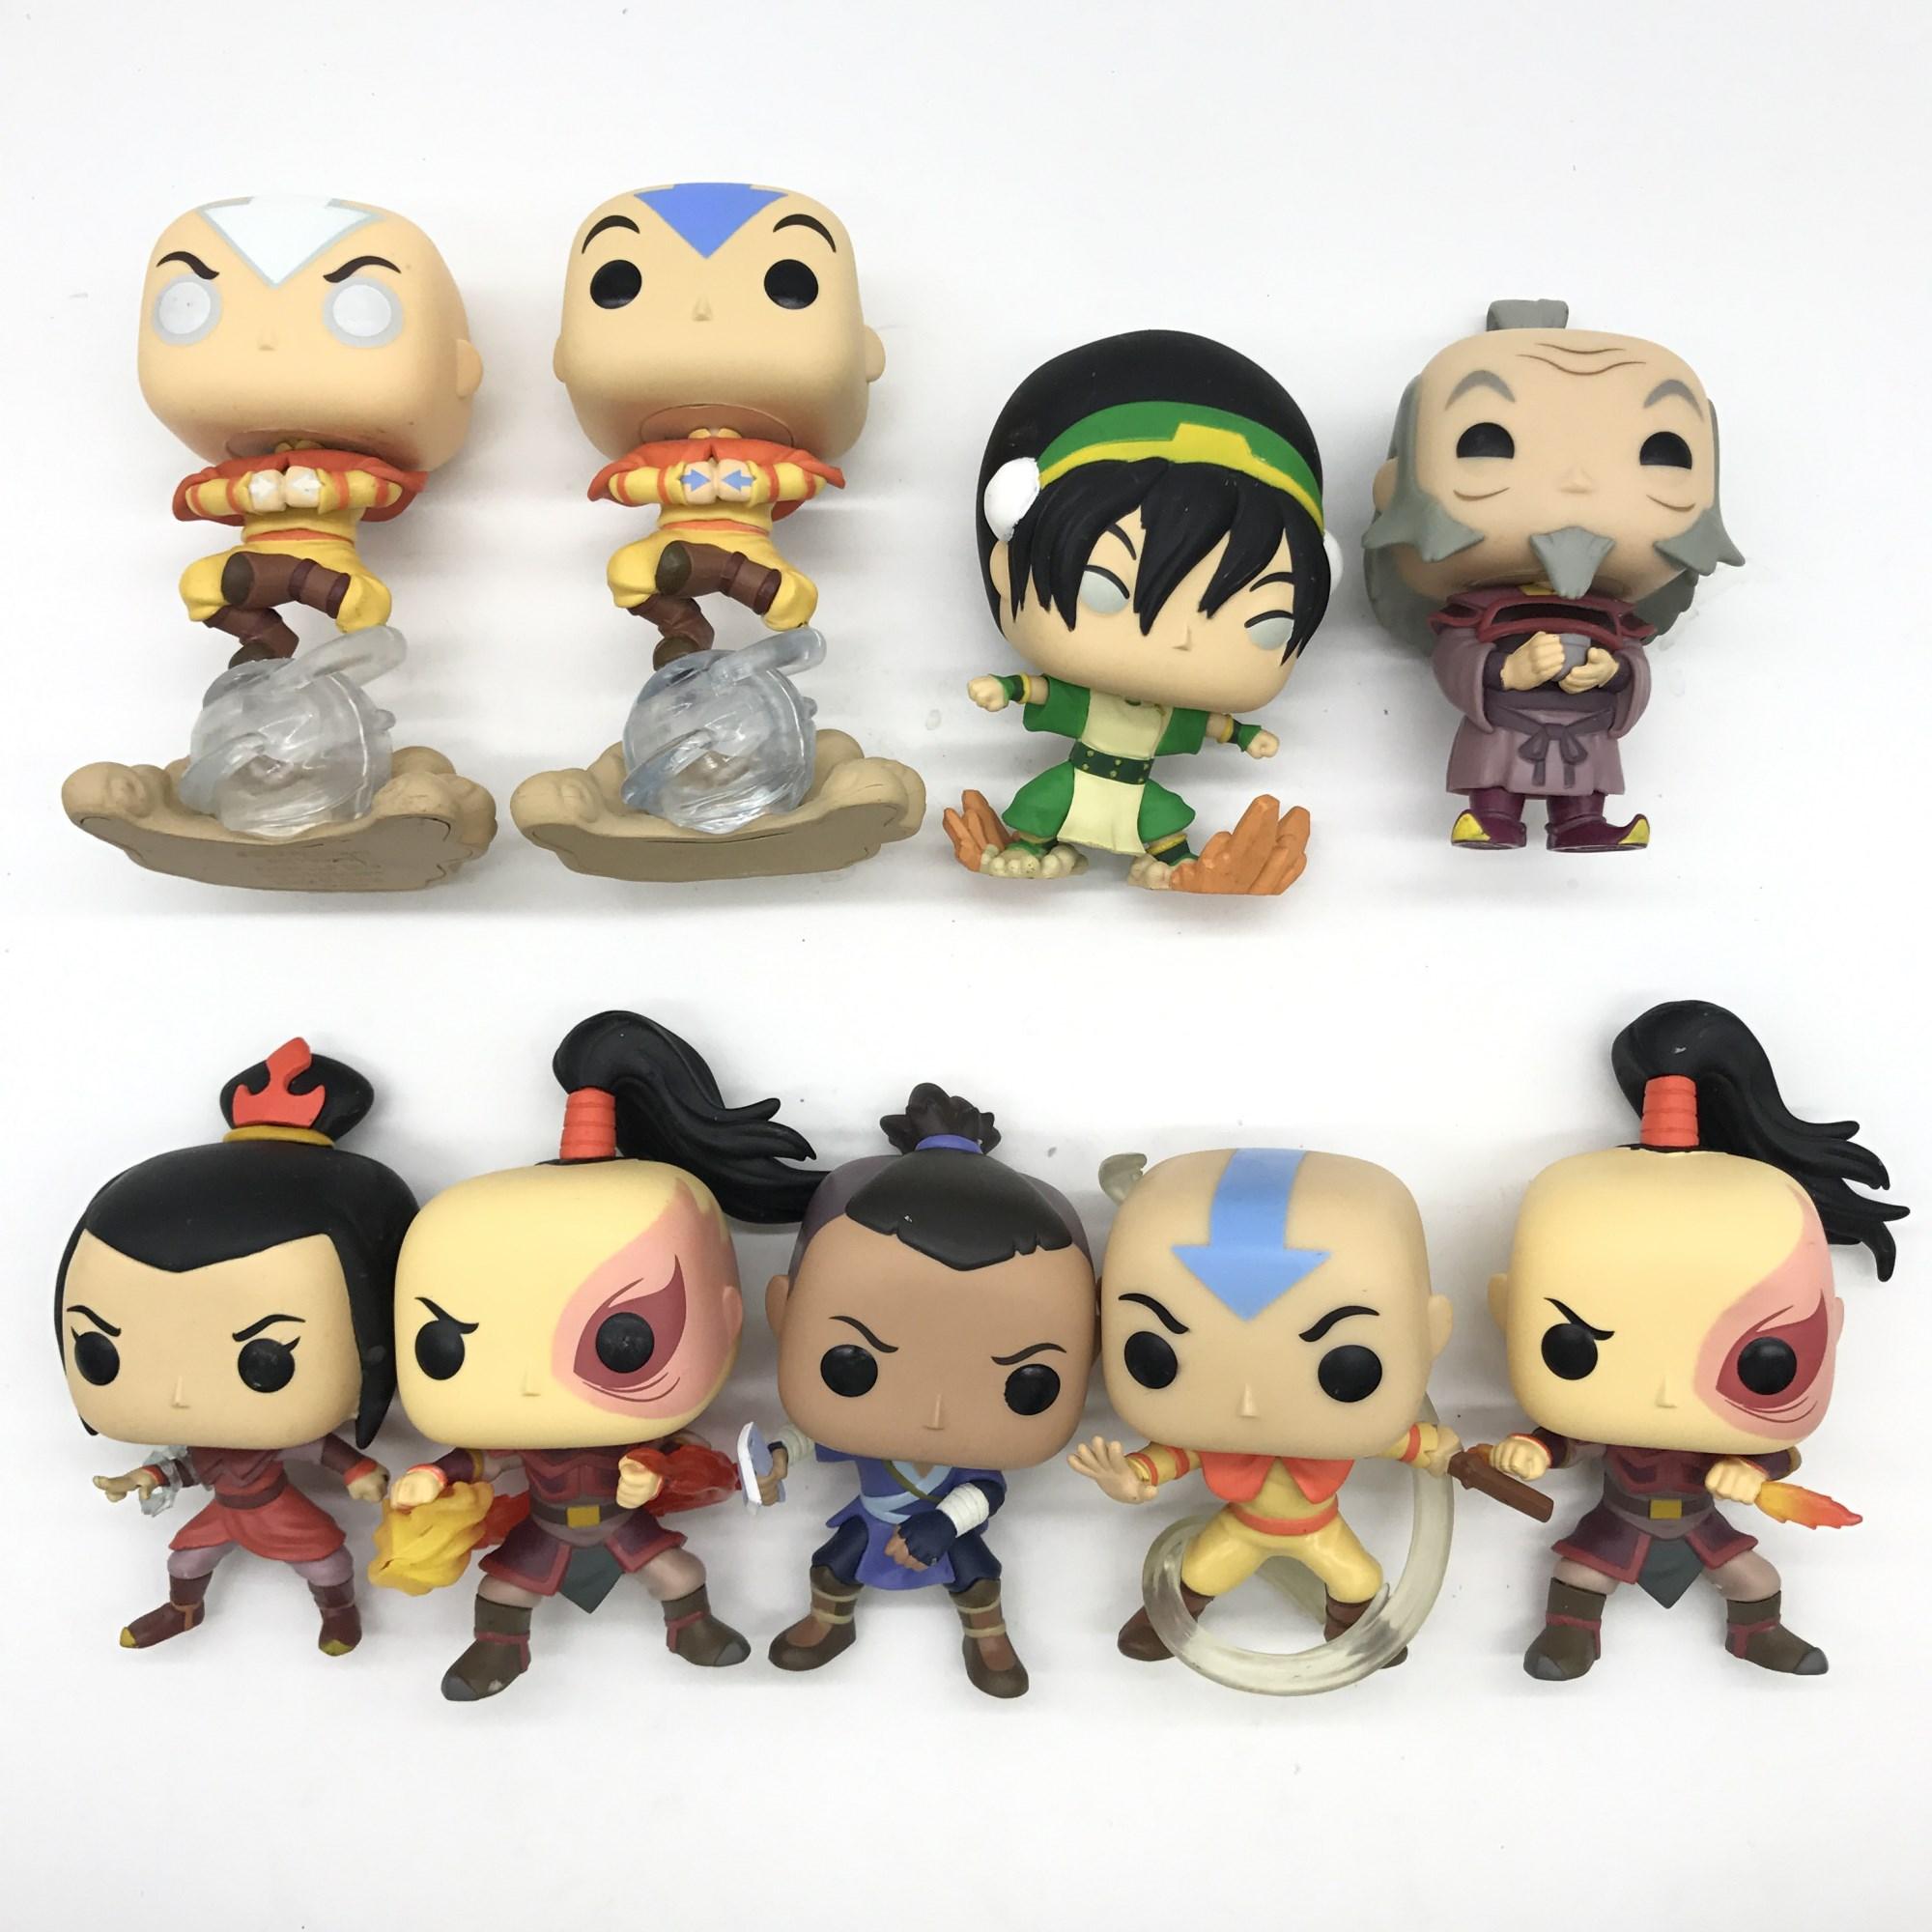 Avatar Last Airbenders Luminous AZULA /Aang/ KATARA/ ZUKO/APPA/ SOKKAZUKO Vinyl Action Figures Collectible Model Toy